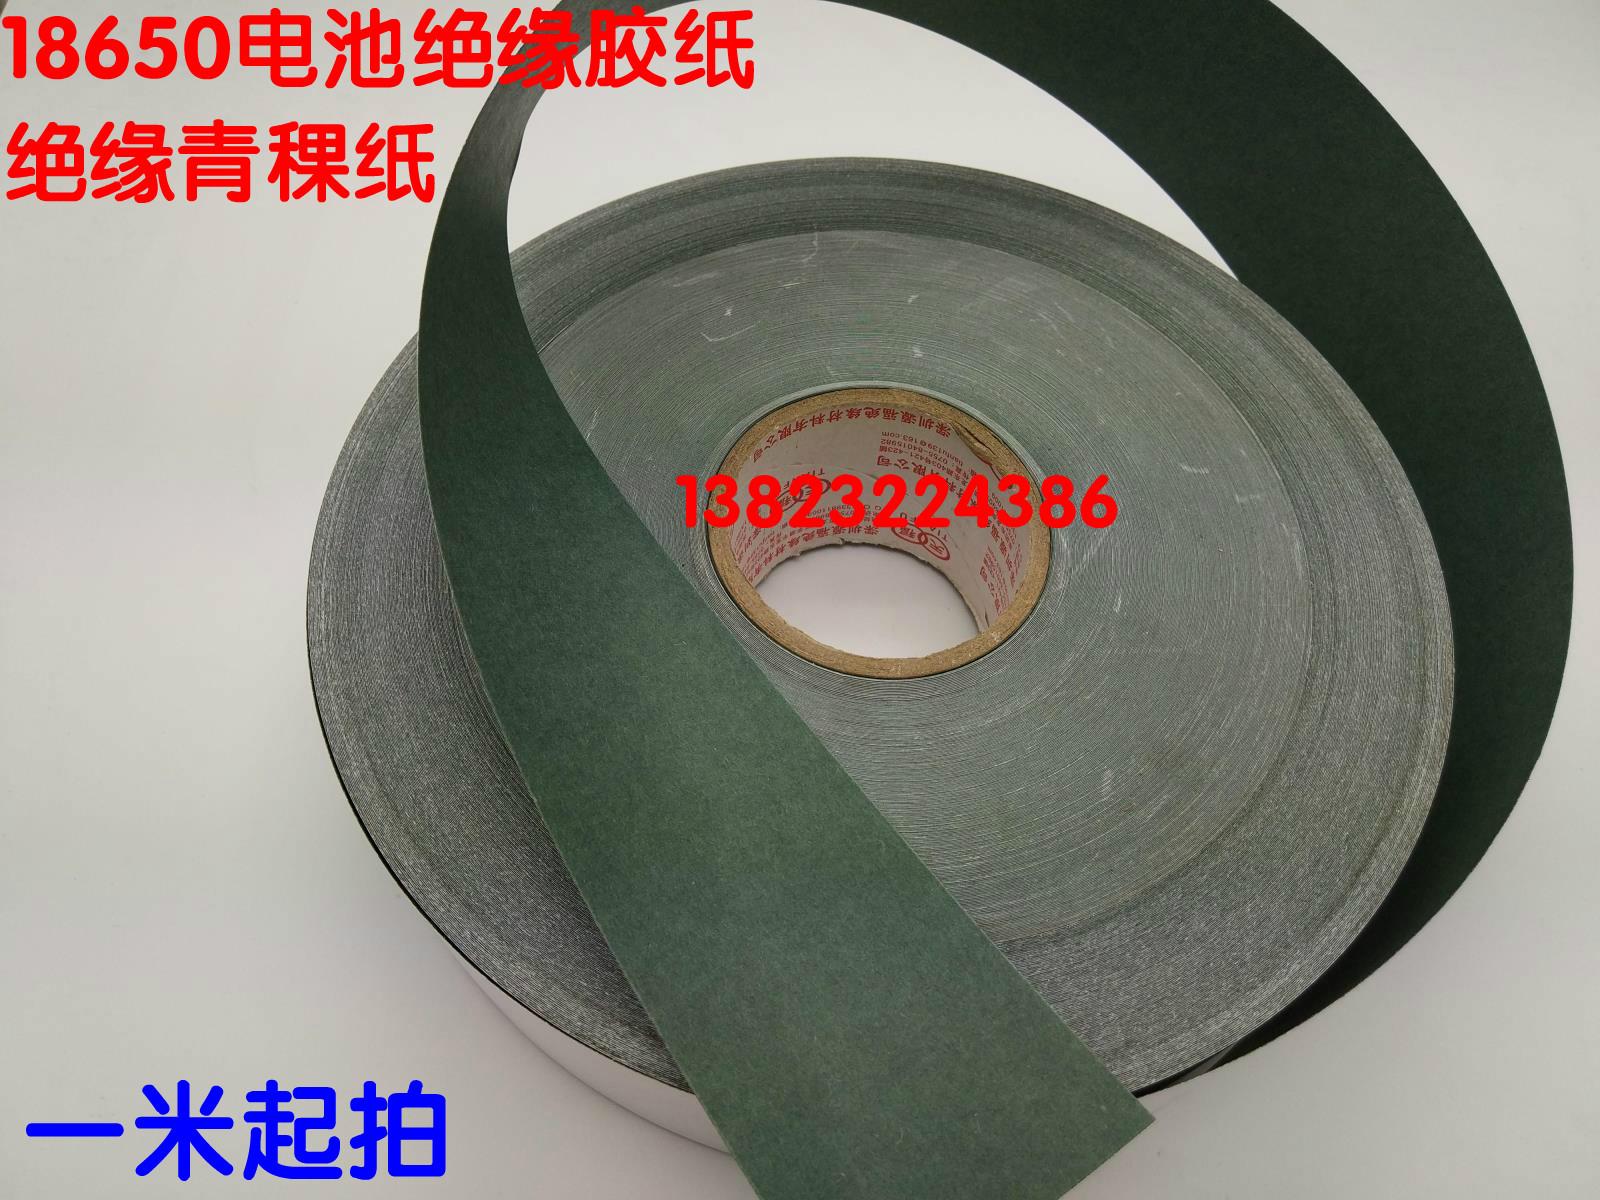 18650 литиевые батареи, зарядки группа ширина 65MM клей зеленый пшеница бумага зеленый оболочка бумага самоклеящийся изоляция бумага толстый 0.2MM